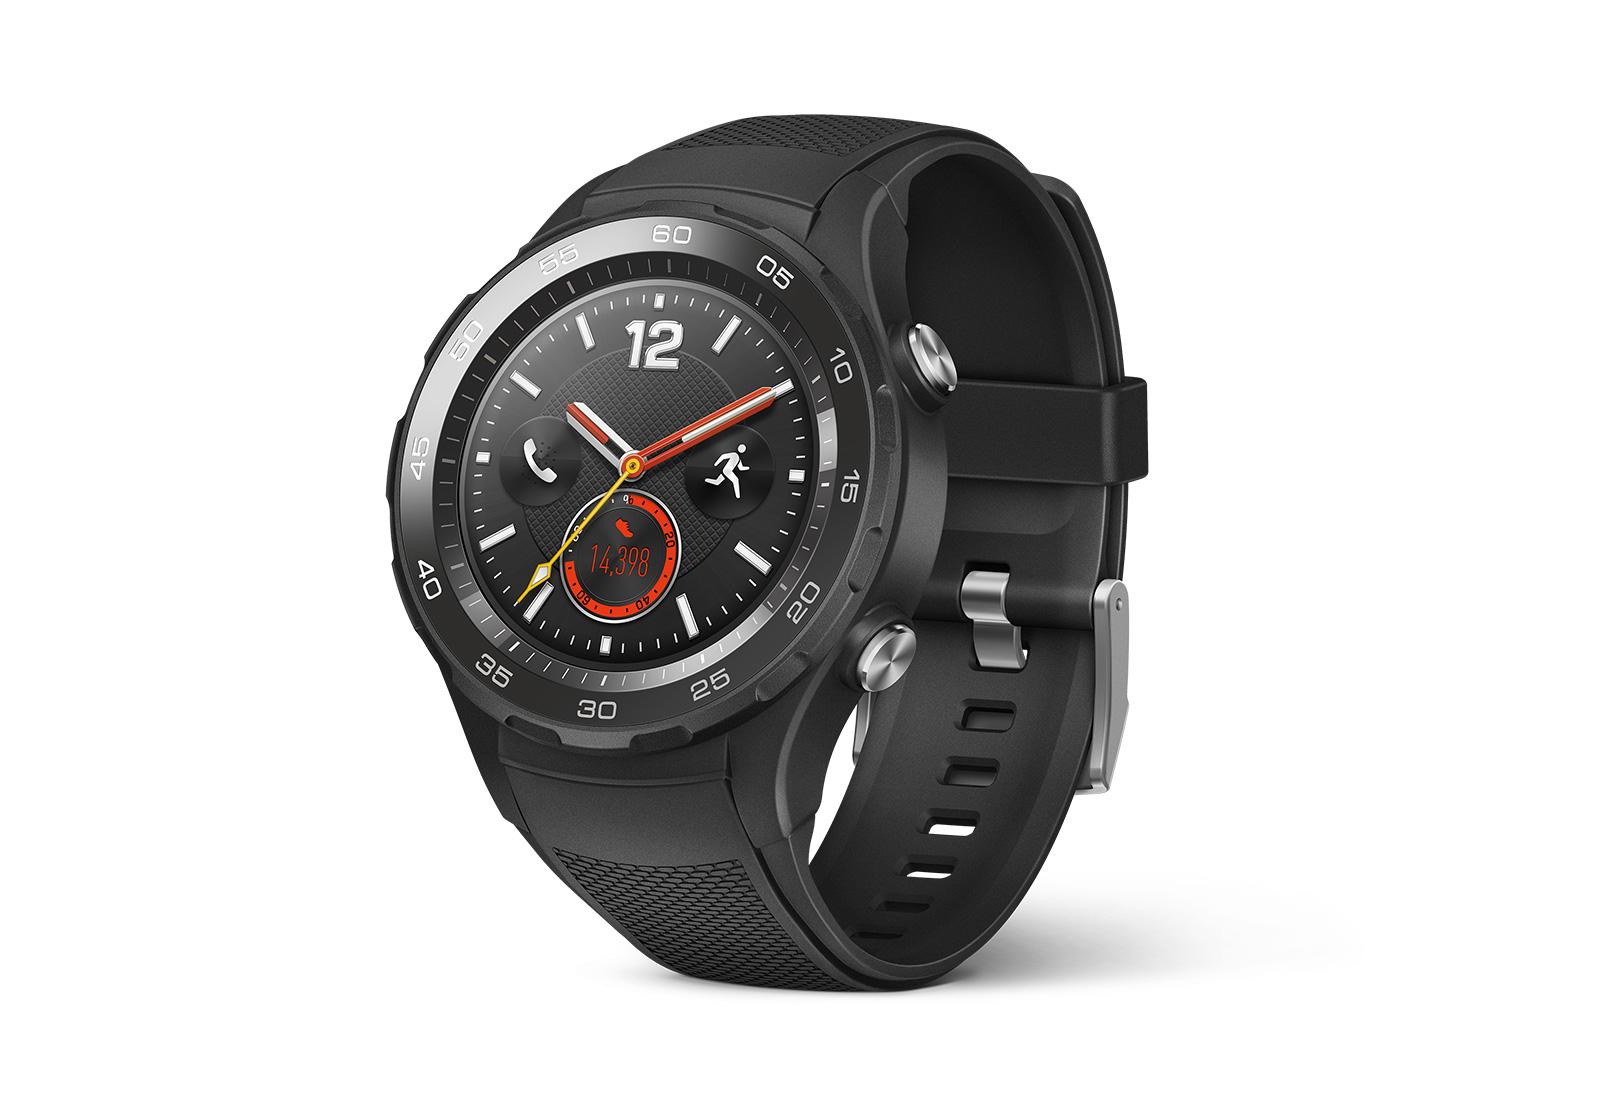 Huawei Watch 2 : la montre 4G autonome officialisée au MWC 2017